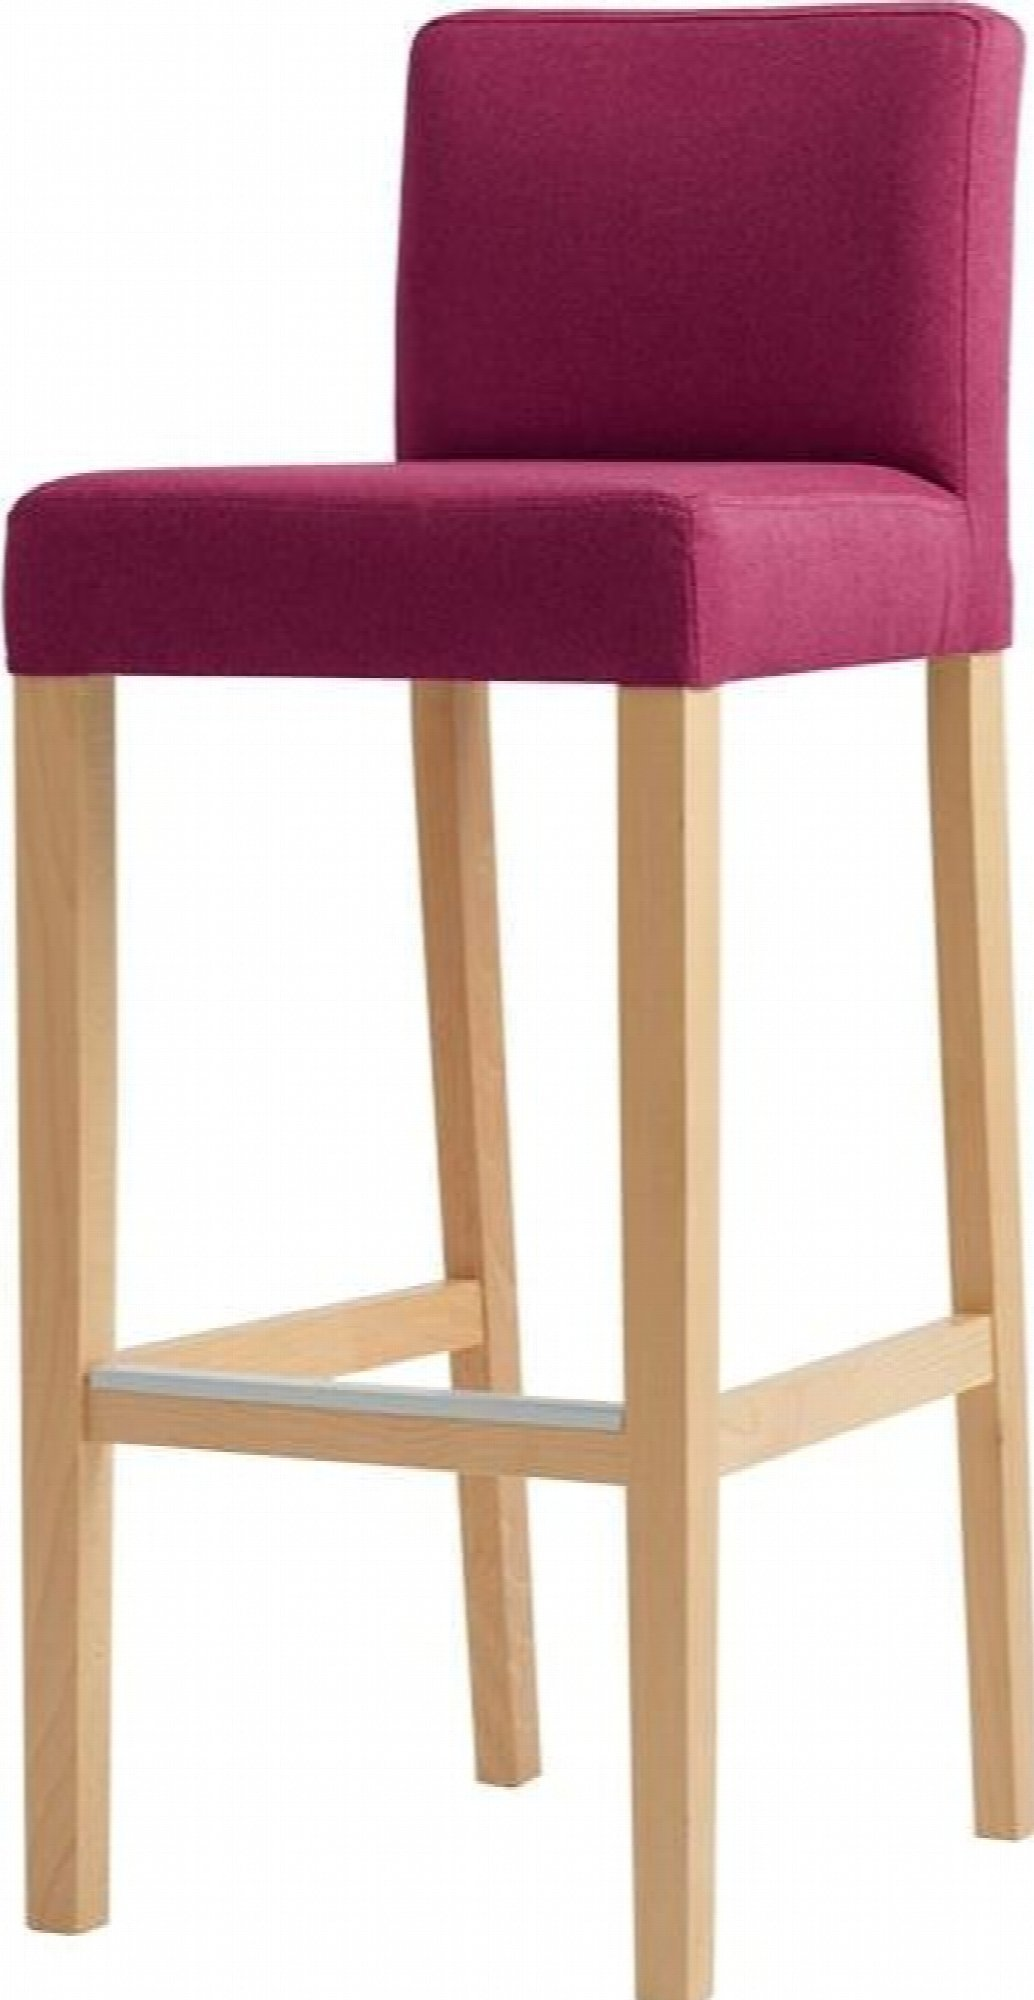 maison du monde Chaise de bar tissu rembourrée rose pieds bois massif clair